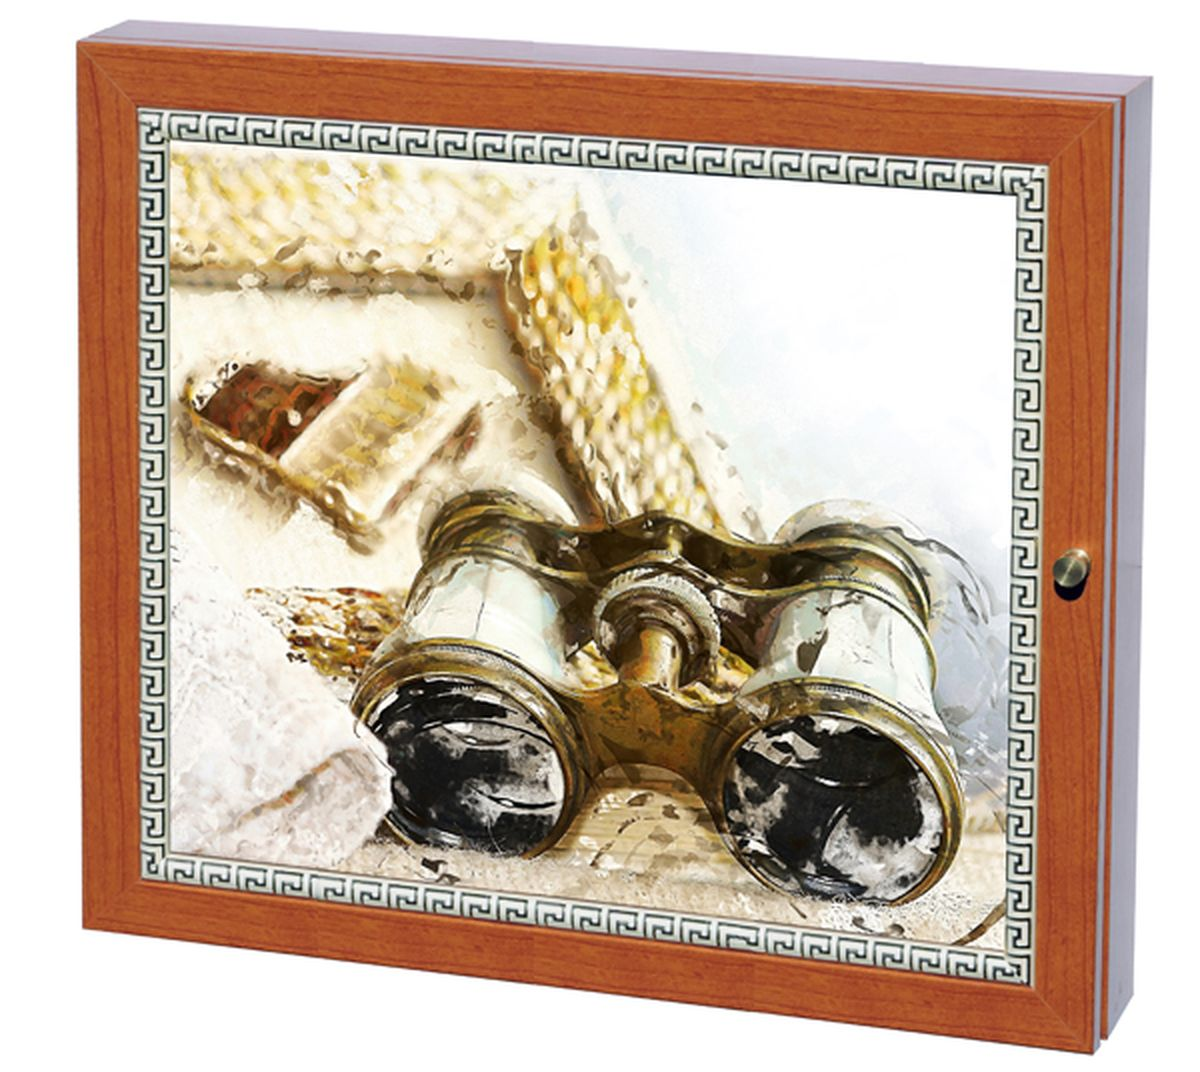 Вешалка-ключница Milarte Фэй, 25 х 30 х 5,5 см. KFV-11601254 009312Вешалка-ключница Milarte Фэй, выполненная из МДФ, украсит интерьер помещения, а также поможет создать атмосферу уюта. Ключница, декорированная оригинальным изображением, станет не только украшением вашего дома, но и послужит функционально. Она представляет собой ящичек, внутри которого предусмотрено 9 металлических крючков для ключей в два ряда. Дверца фиксируется к корпусу на крючок. Вешалка-ключница подвешивается на стену, крепежные элементы входят в комплект.Размер изображения: 24 х 19 см.